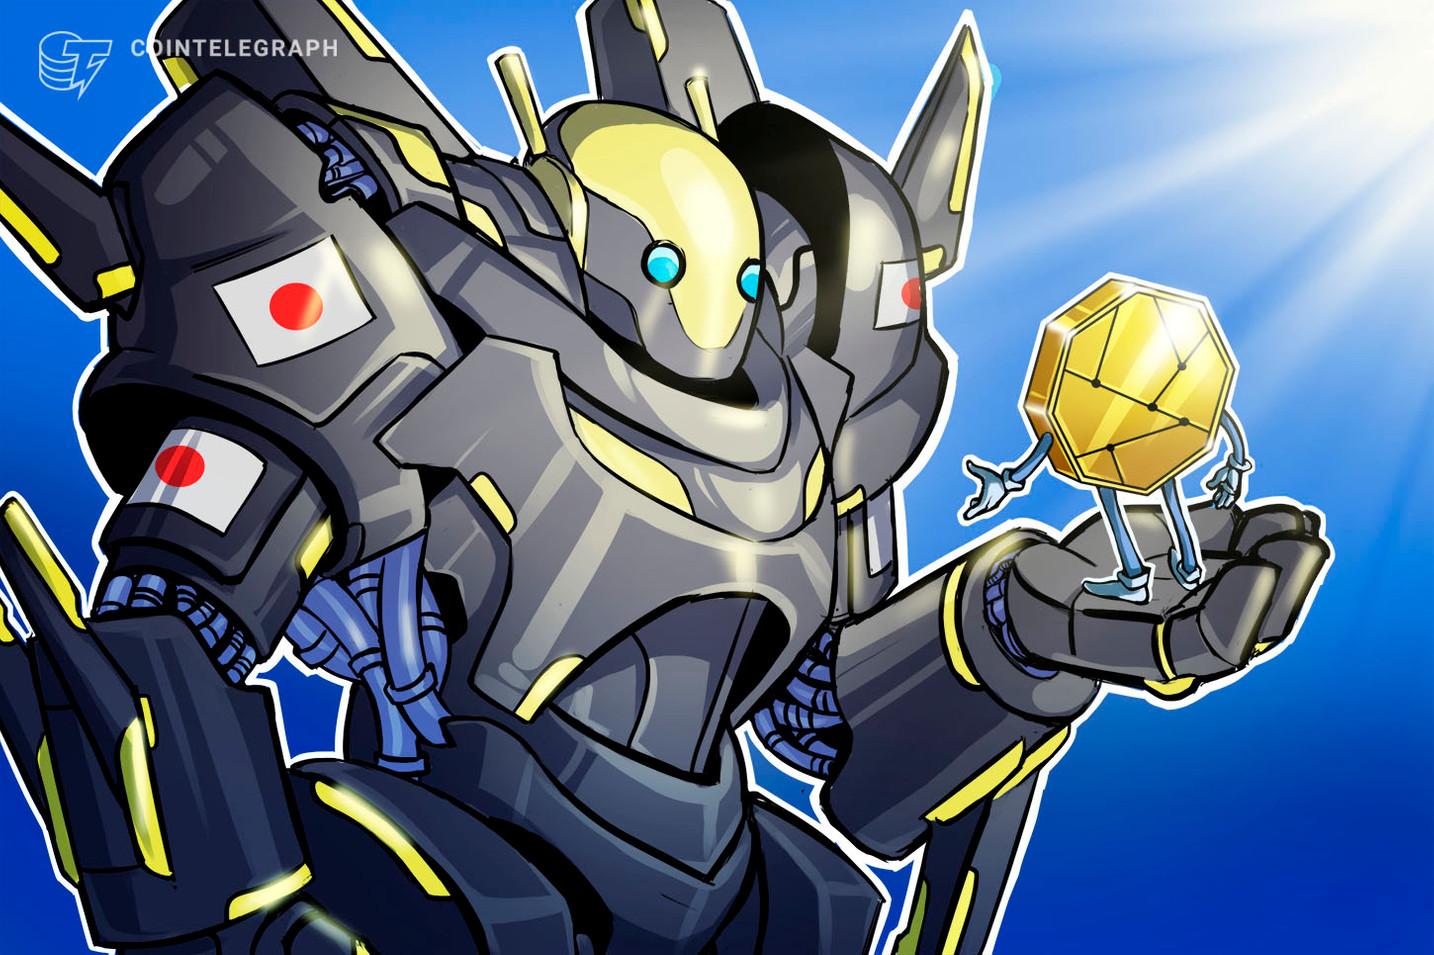 Japonia podobno podejmie działania w celu globalnej kontroli kryptowalut